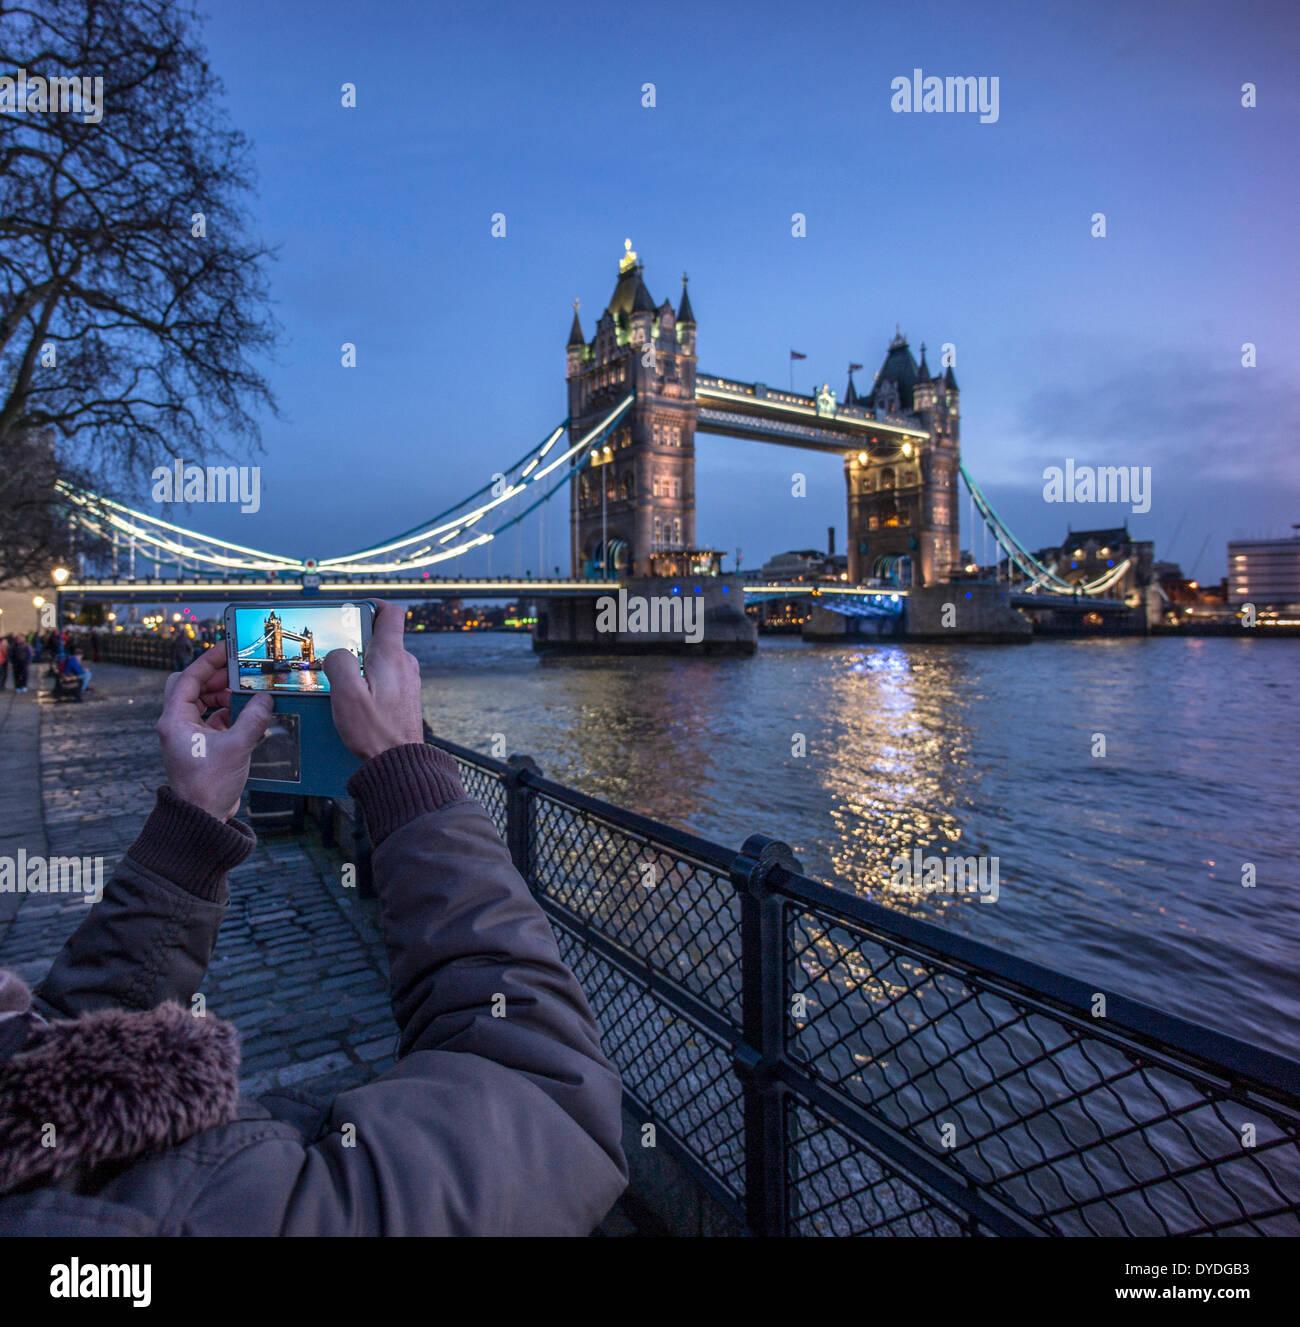 Ein männlichen Touristen nimmt ein Bild auf die Tower Bridge bei Nacht von der Nordseite. Stockfoto